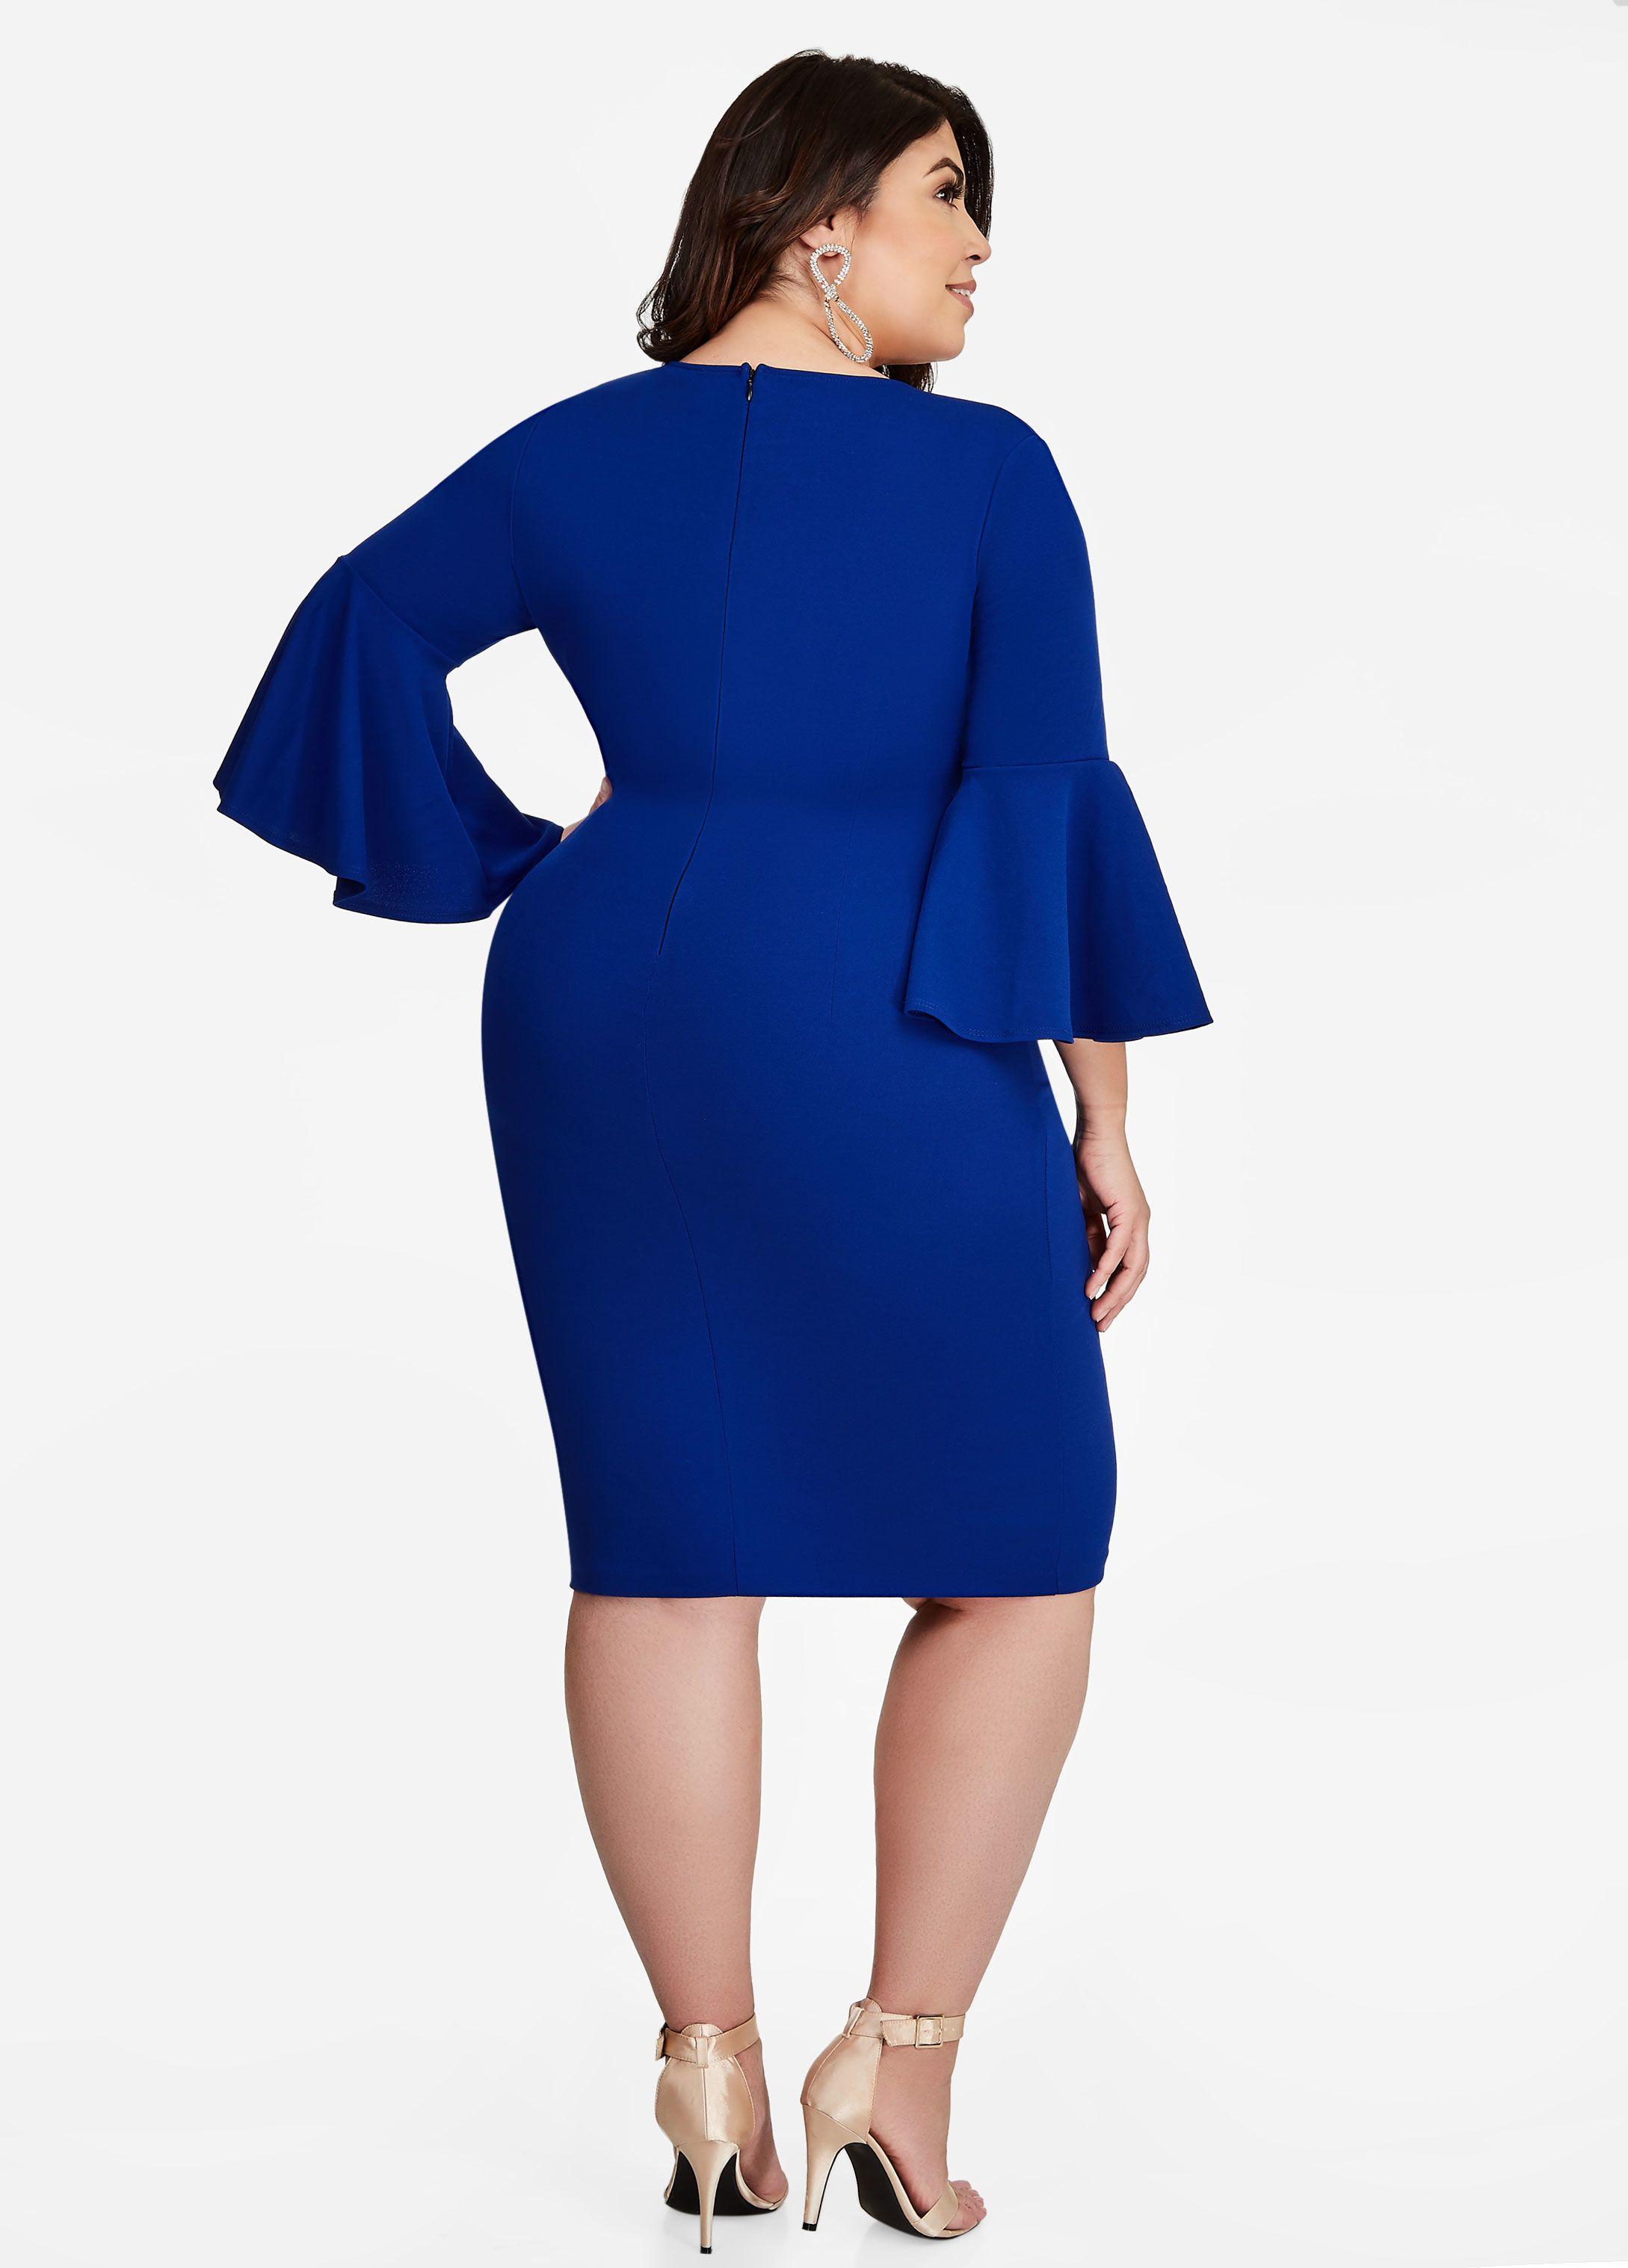 97dca19c7602f V Neck Bell Sleeve Sheath Dress - Ashley Stewart